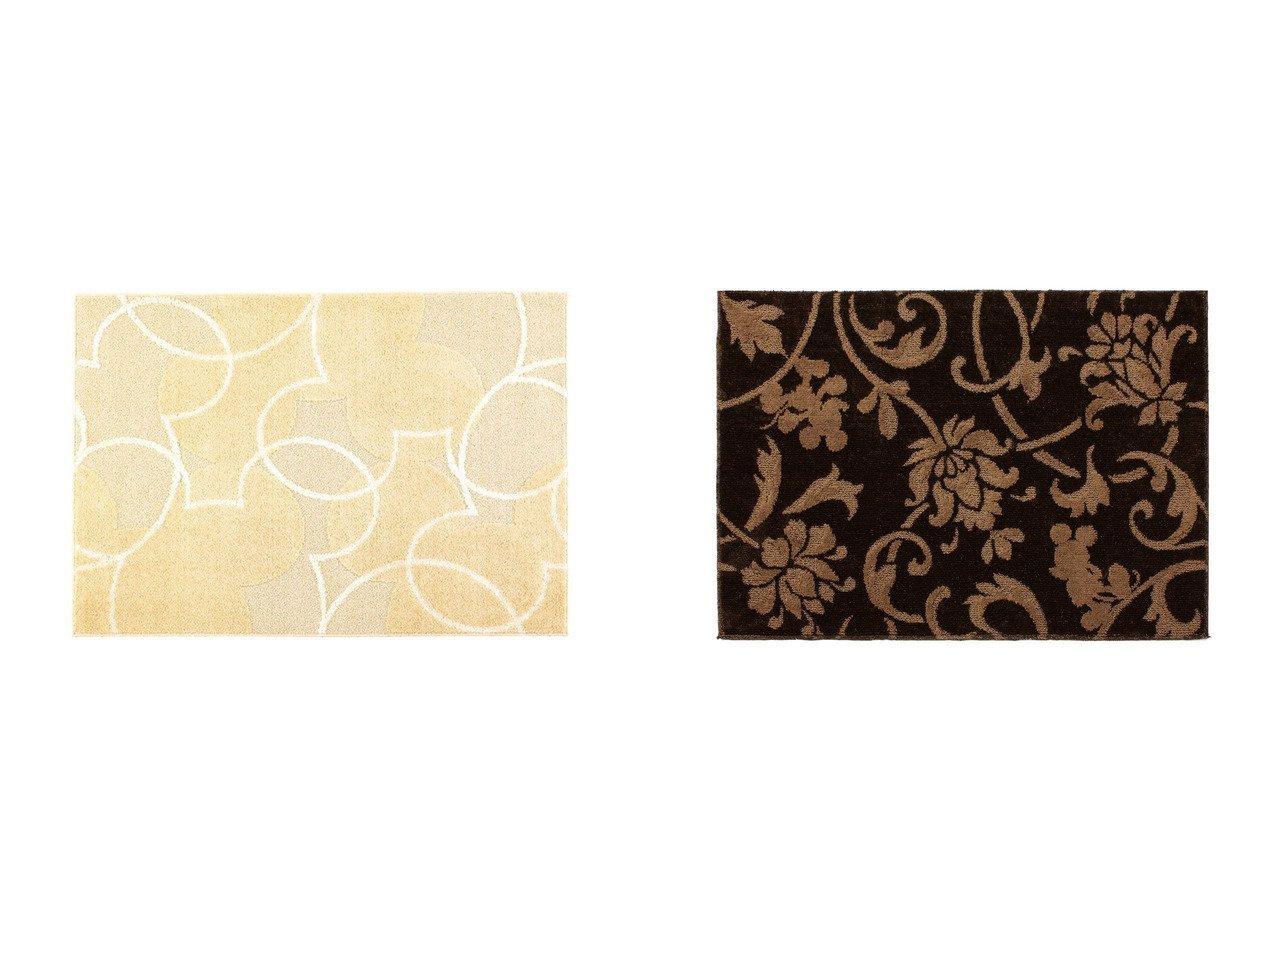 【FLYMEe PLUS/フライミー プリュス】のミッキー パールラインラグ&ミッキー エレガンスノートラグ 【ラグ・絨毯・カーペット お家時間 FURNITURE】おすすめ!人気、インテリア雑貨・家具の通販 おすすめで人気の流行・トレンド、ファッションの通販商品 インテリア・家具・メンズファッション・キッズファッション・レディースファッション・服の通販 founy(ファニー) https://founy.com/ ベーシック ボタニカル |ID:crp329100000054349